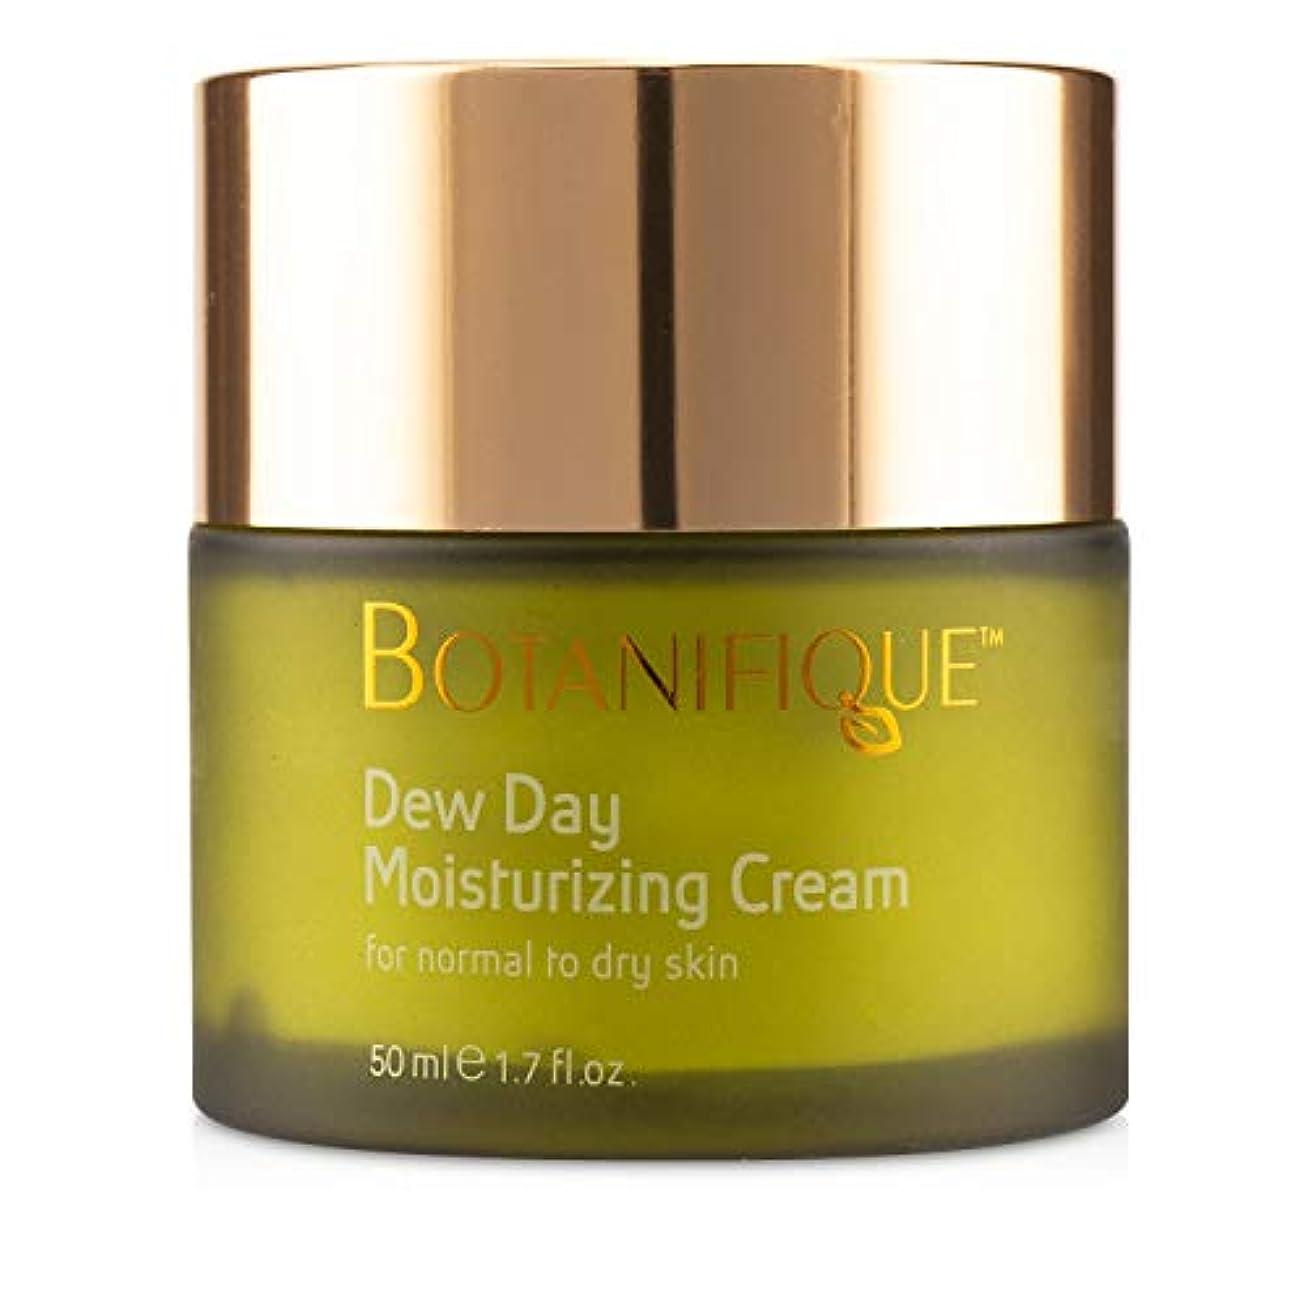 アカウント社会主義者仕事Botanifique Dew Day Moisturizing Cream - For Normal to Dry Skin 50ml/1.7oz並行輸入品